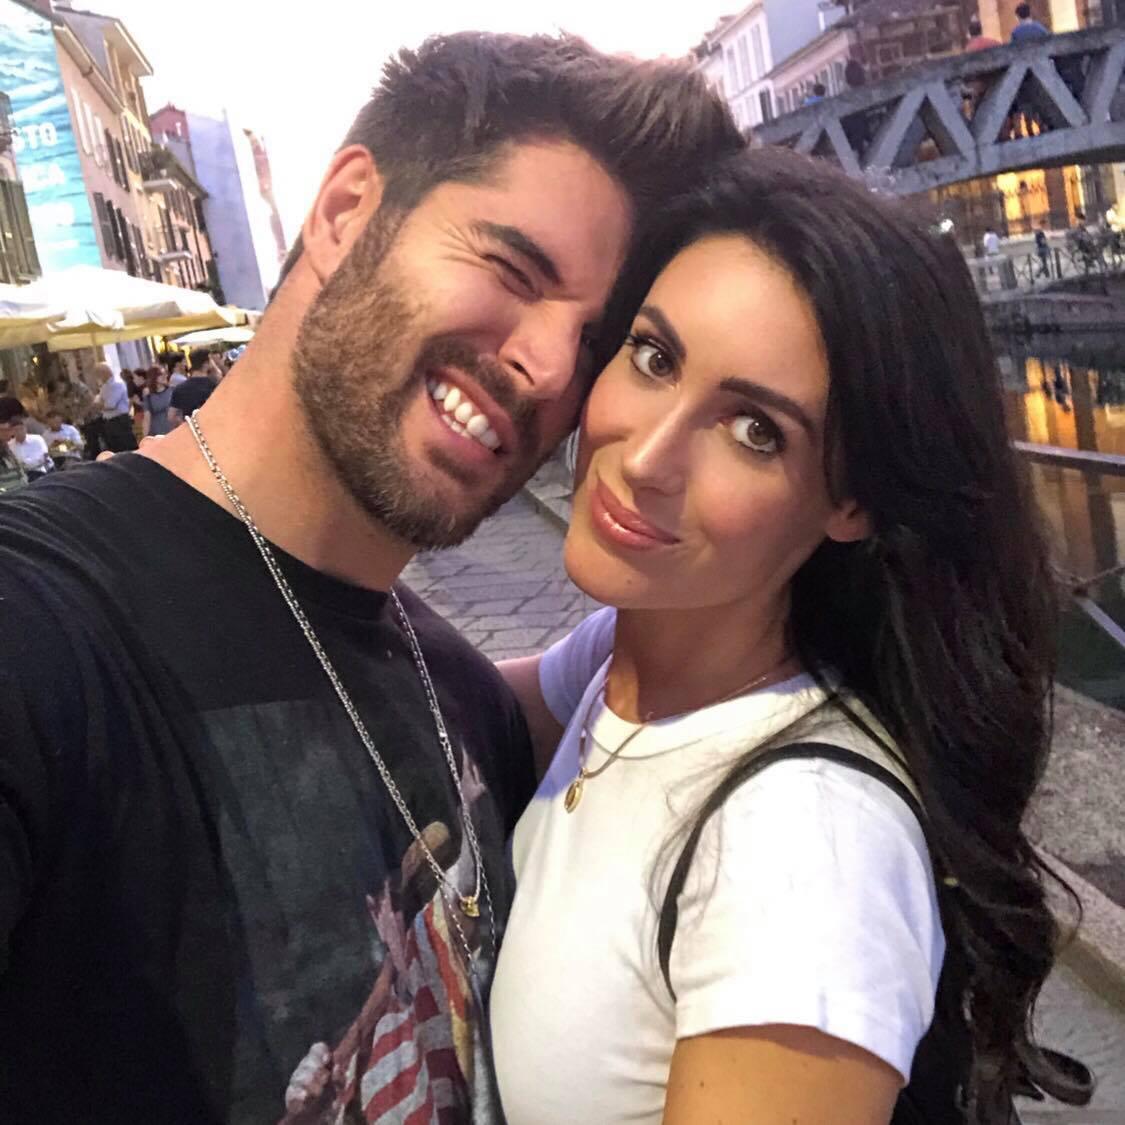 Nick and Maria